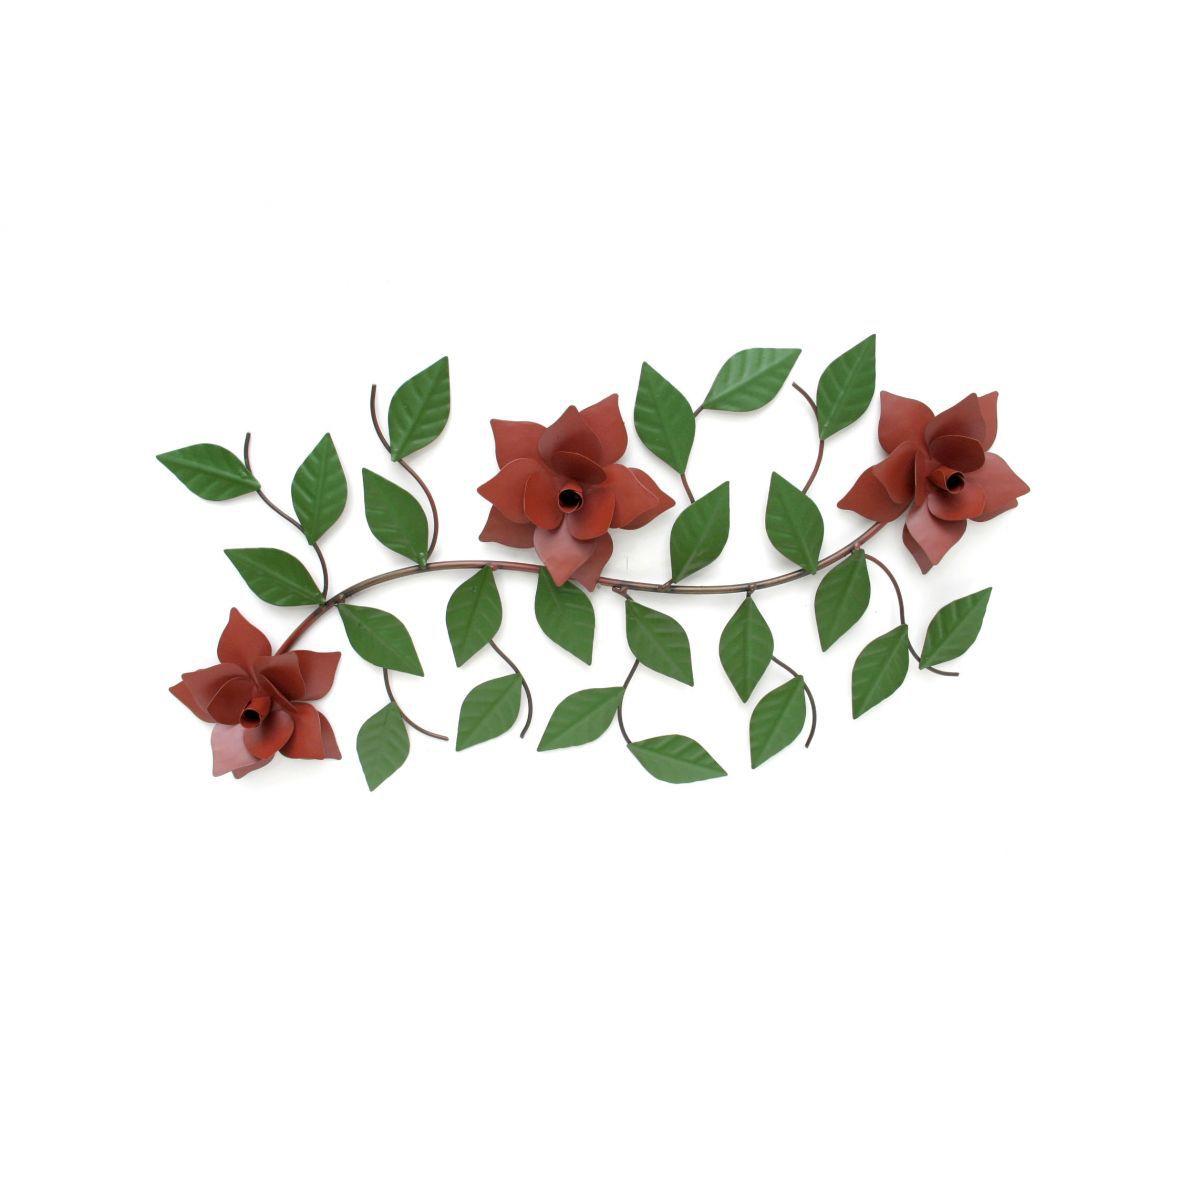 Arranjo de Parede Rústico Decorativo de Ferro e Lata Artesanal de Flor